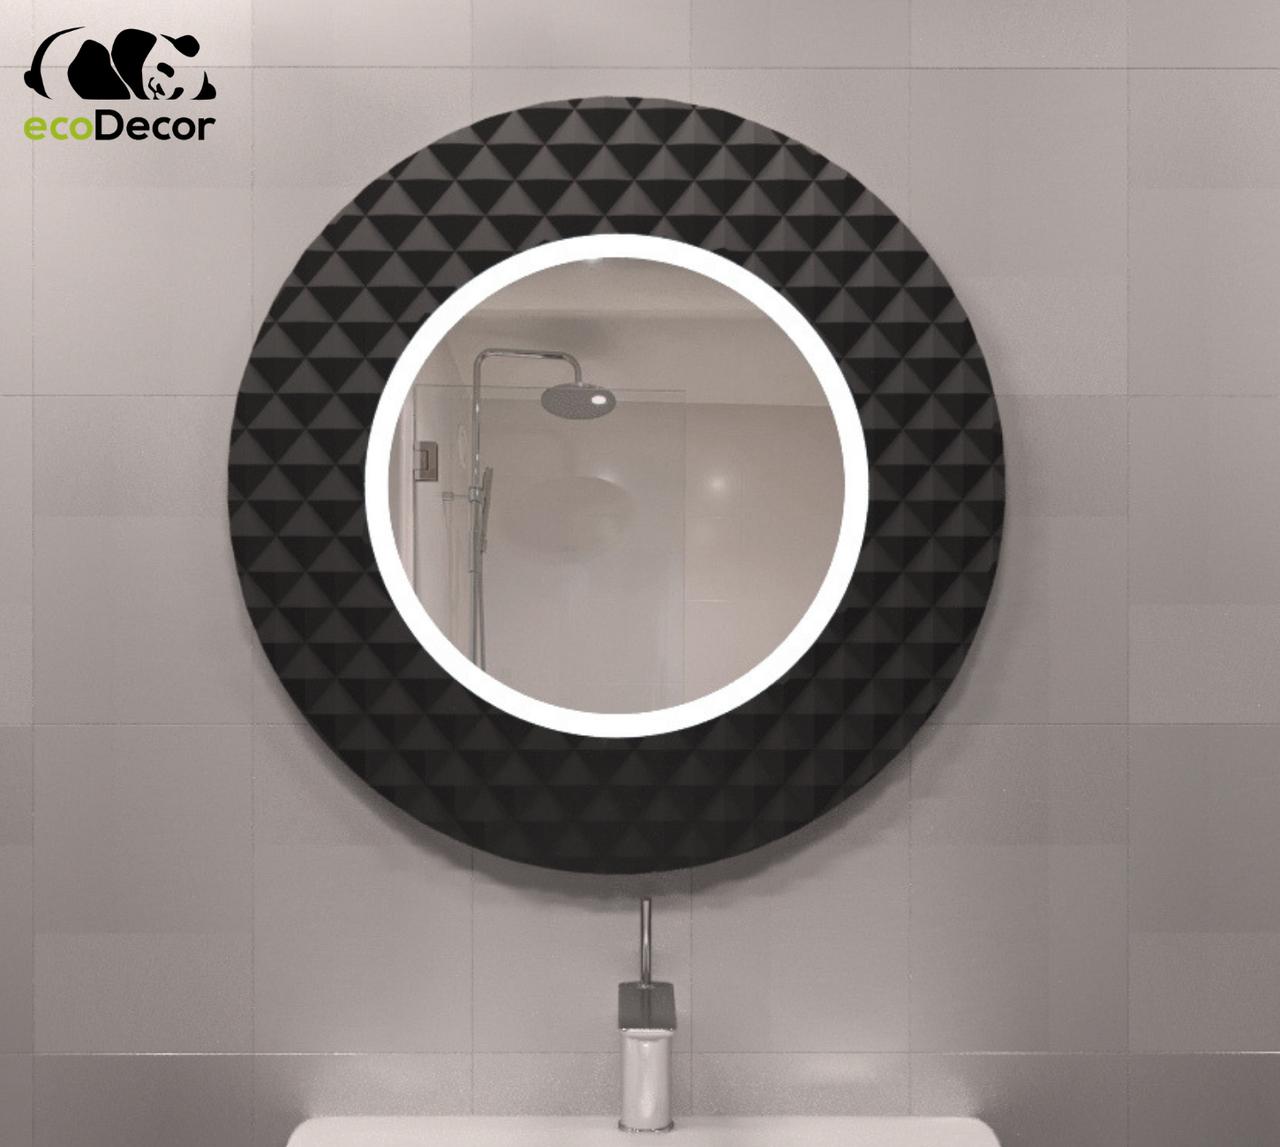 Зеркало круглое с LED подсветкой в черной раме Dublin